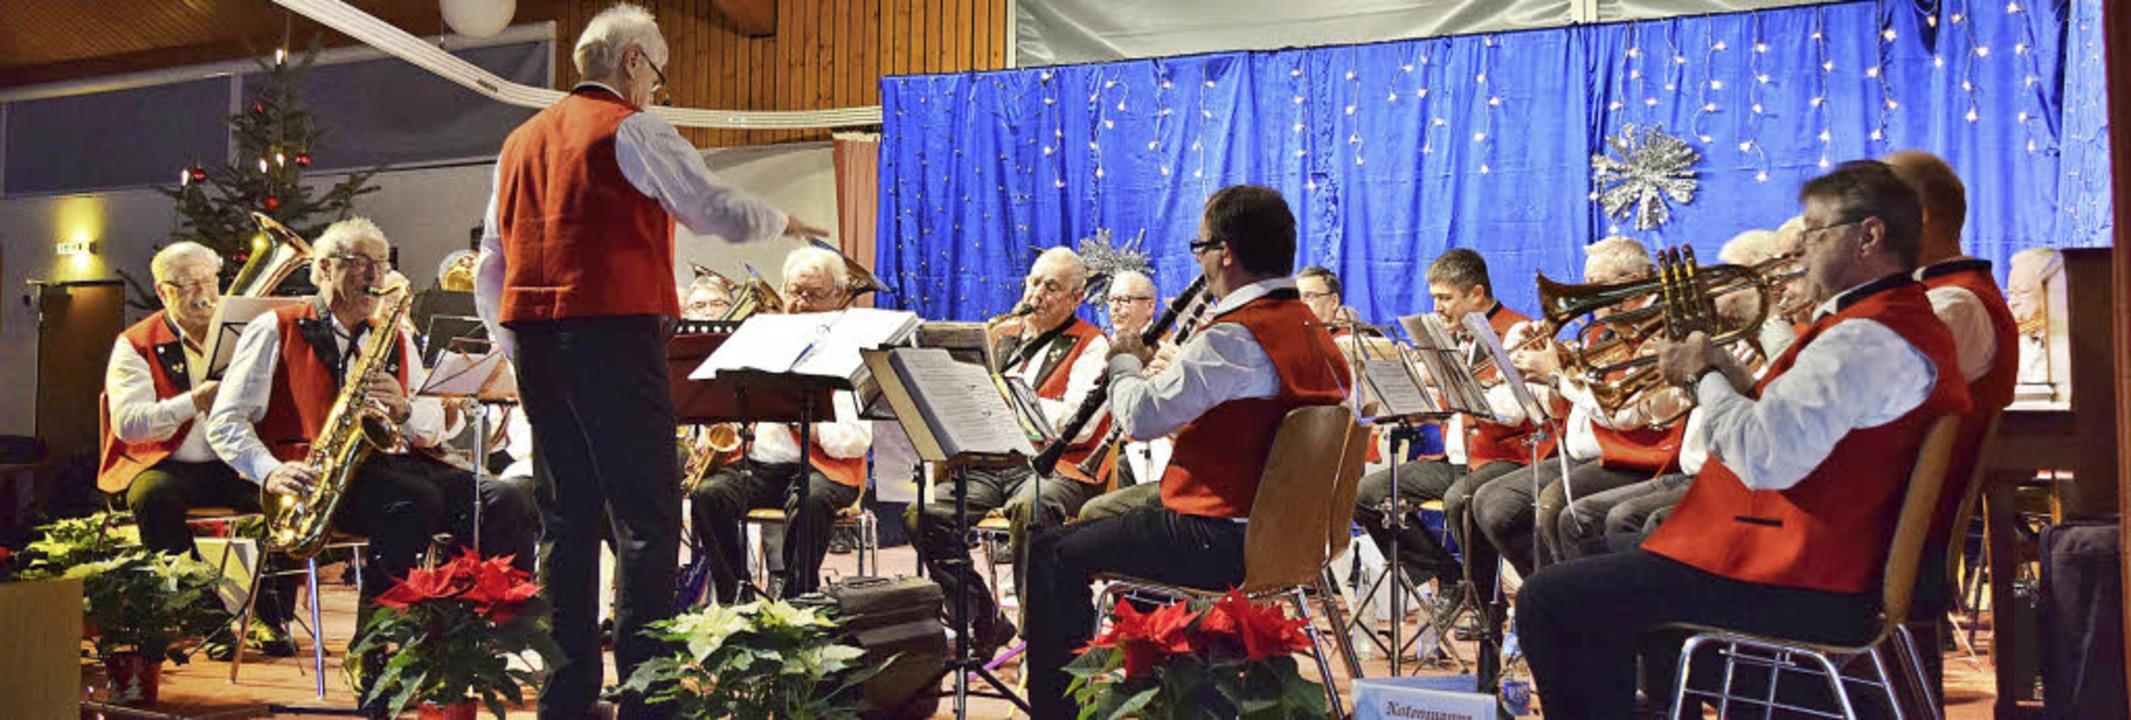 """Begeisterte beim Konzert im Kreissenio...enkapelle """"Lustige 50er"""".     Foto: Marie Wintergerst"""